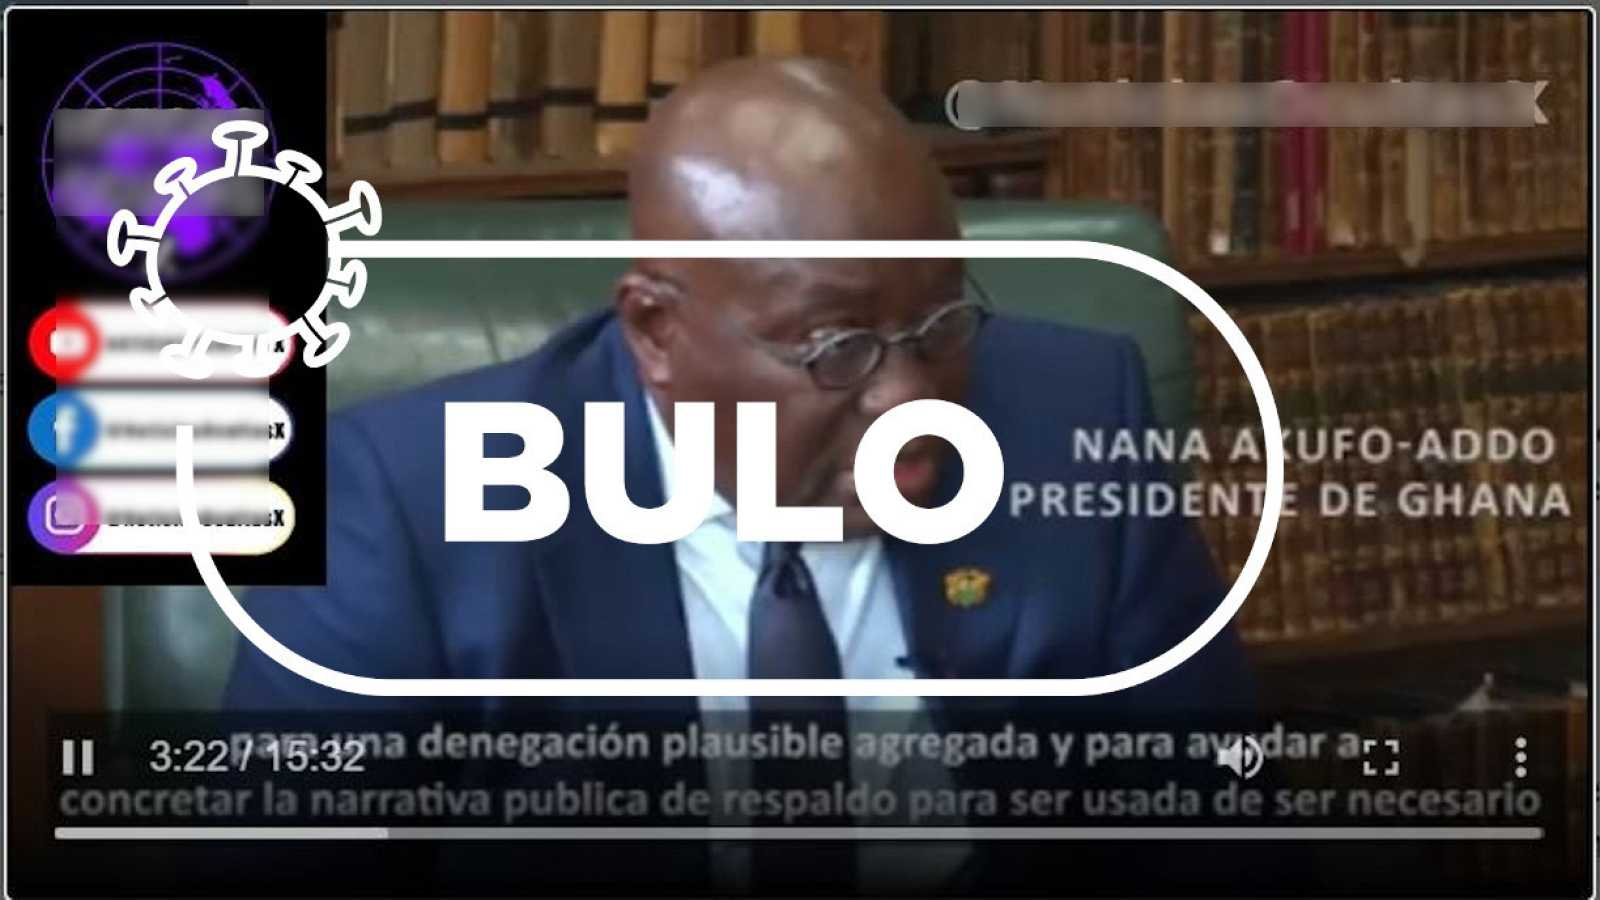 El presidente de Ghana en un canal de YouTube con subtítulos en español y la palabra bulo de Verifica RTVE.